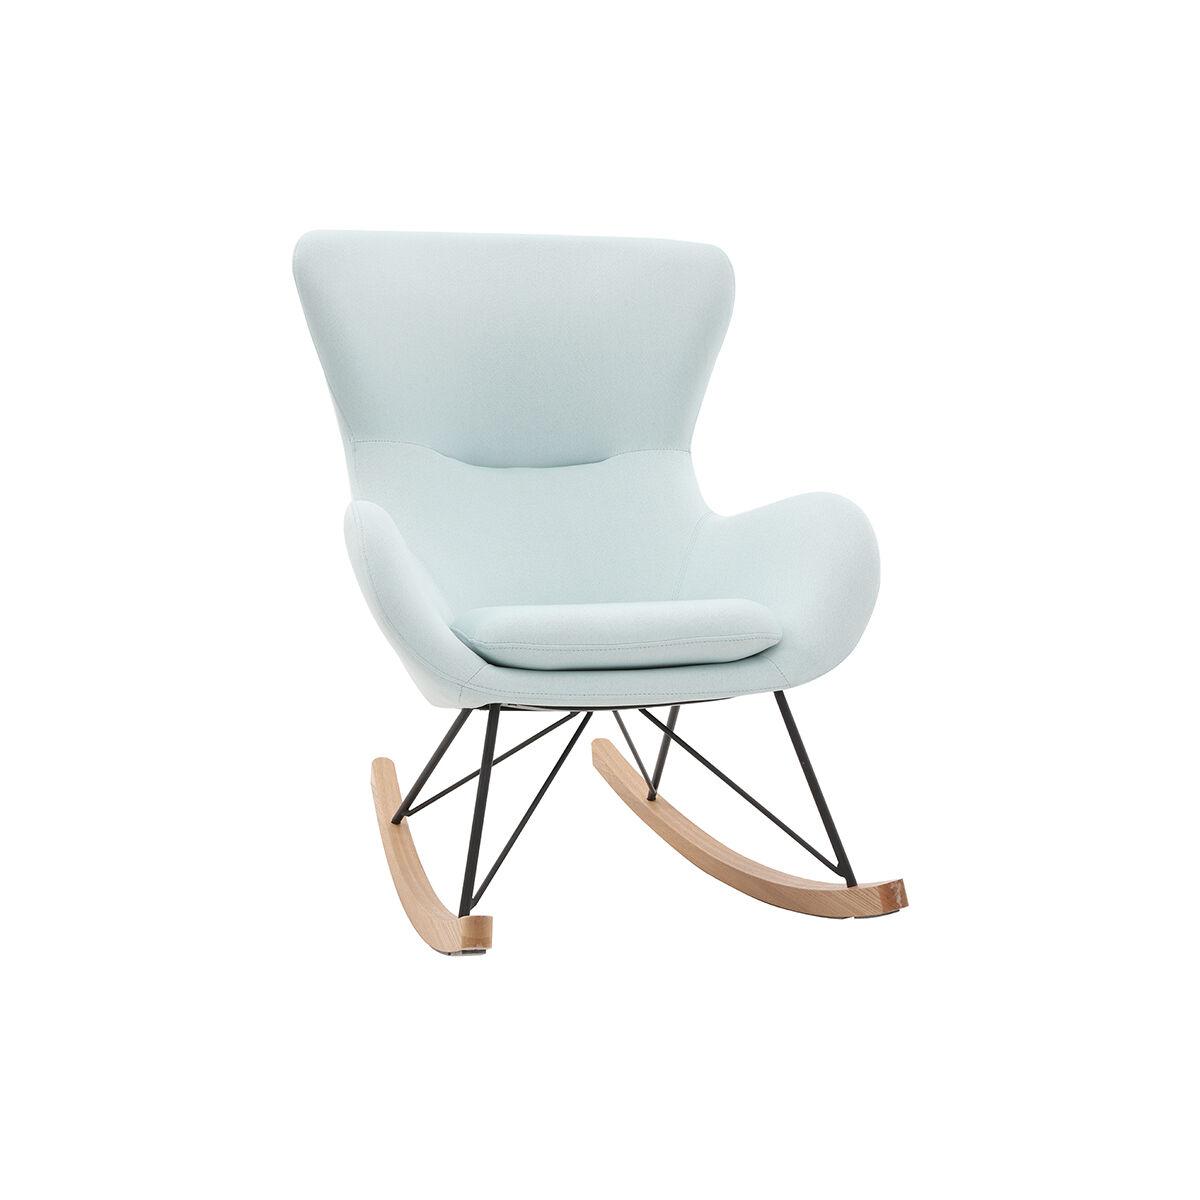 Miliboo Rocking chair design tissu menthe à l'eau ESKUA